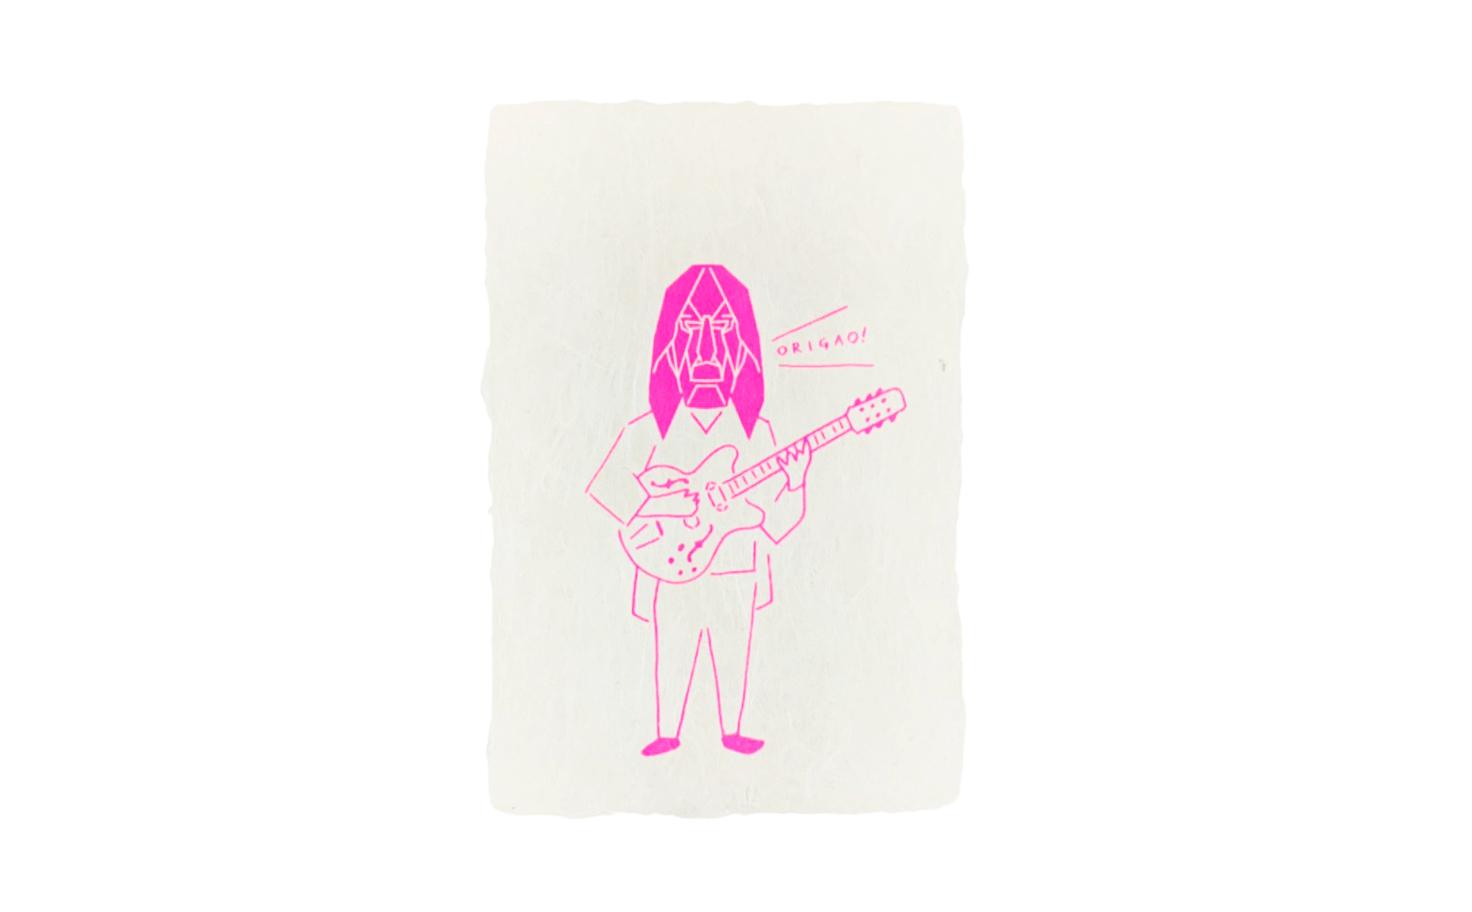 ポストカード イマジン(ピンク、ライトブルー)